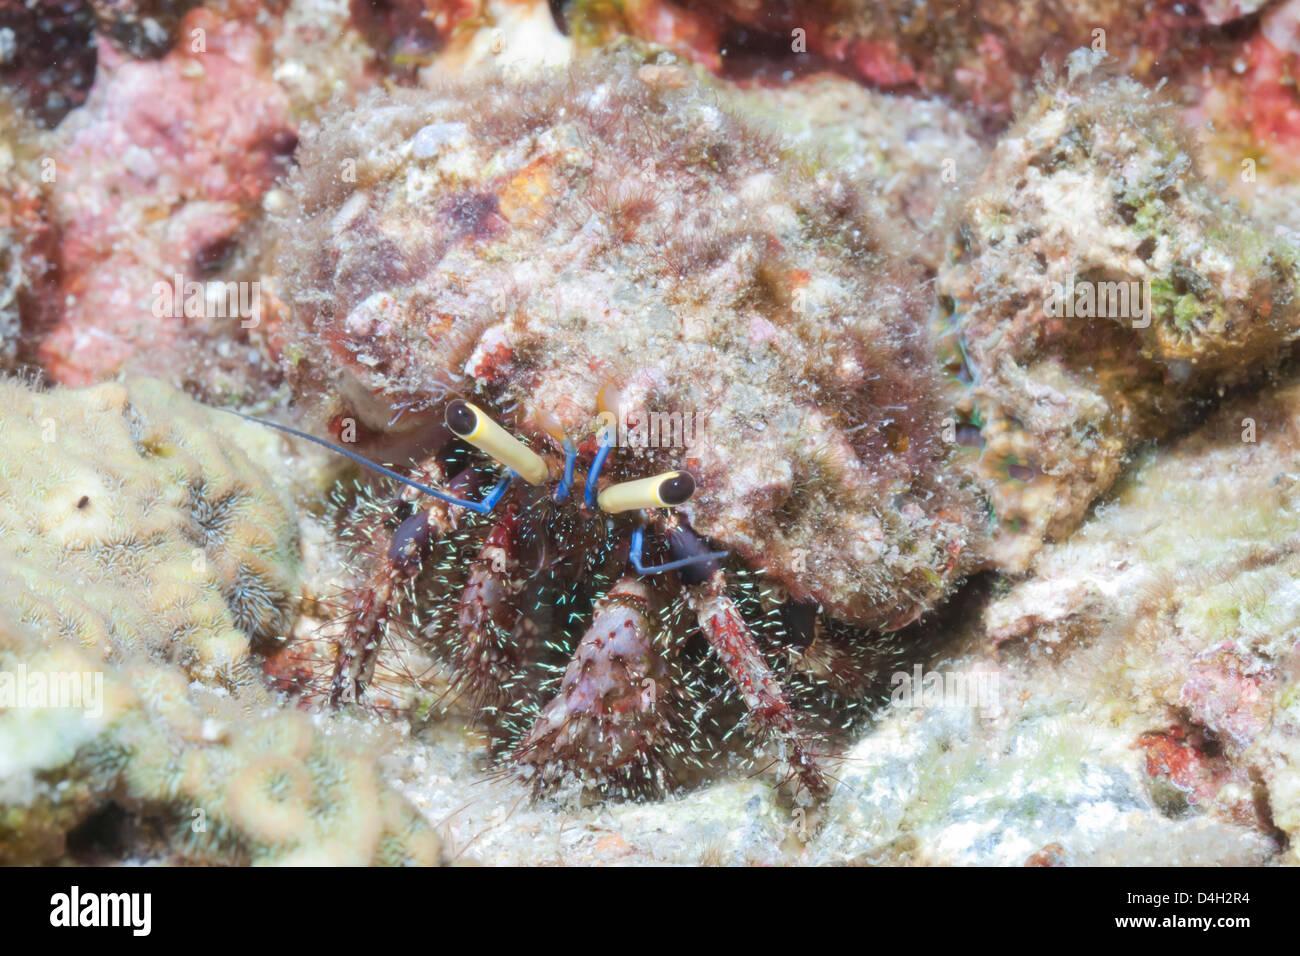 L'ermite velu (Aniculus elegans), le sud de la Thaïlande, la mer d'Andaman, l'Océan Indien, Photo Stock